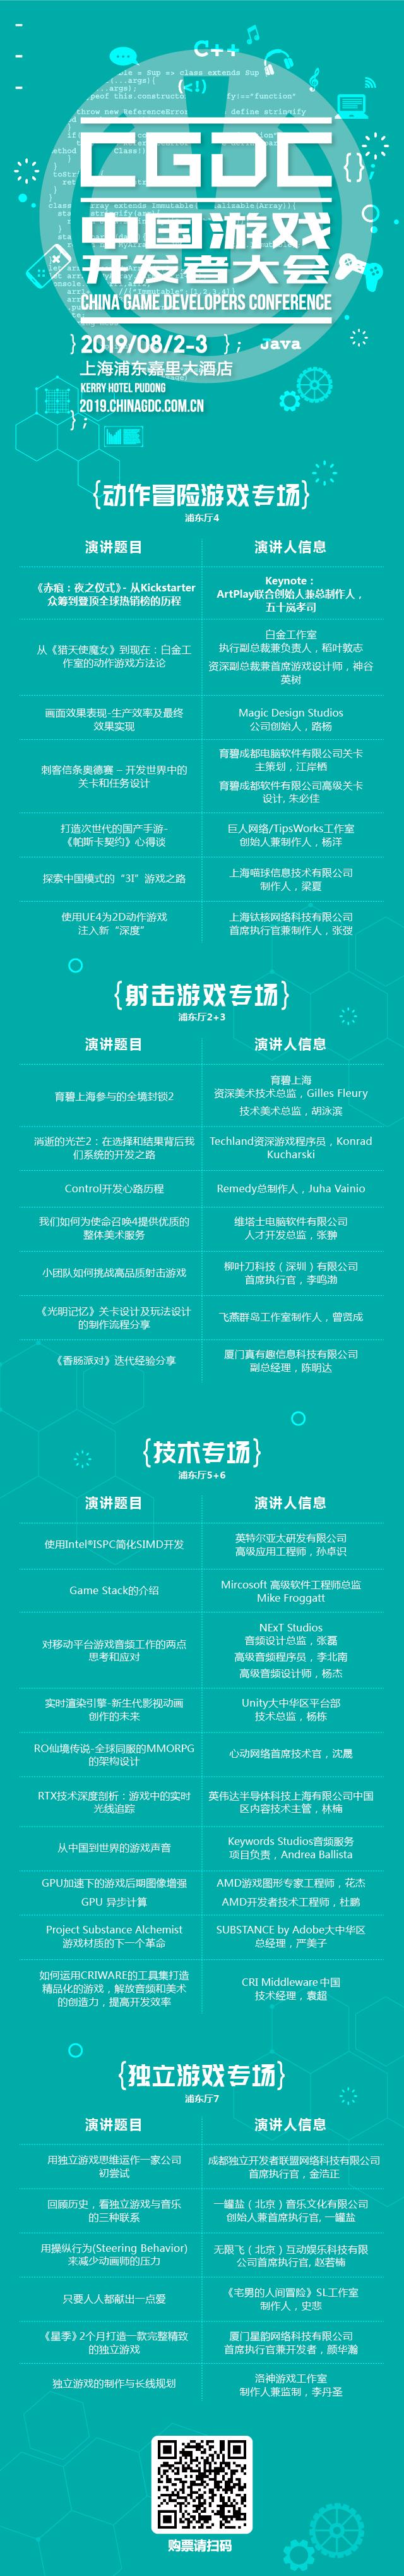 2019中国游戏开发者大会8月3日嘉宾预览!